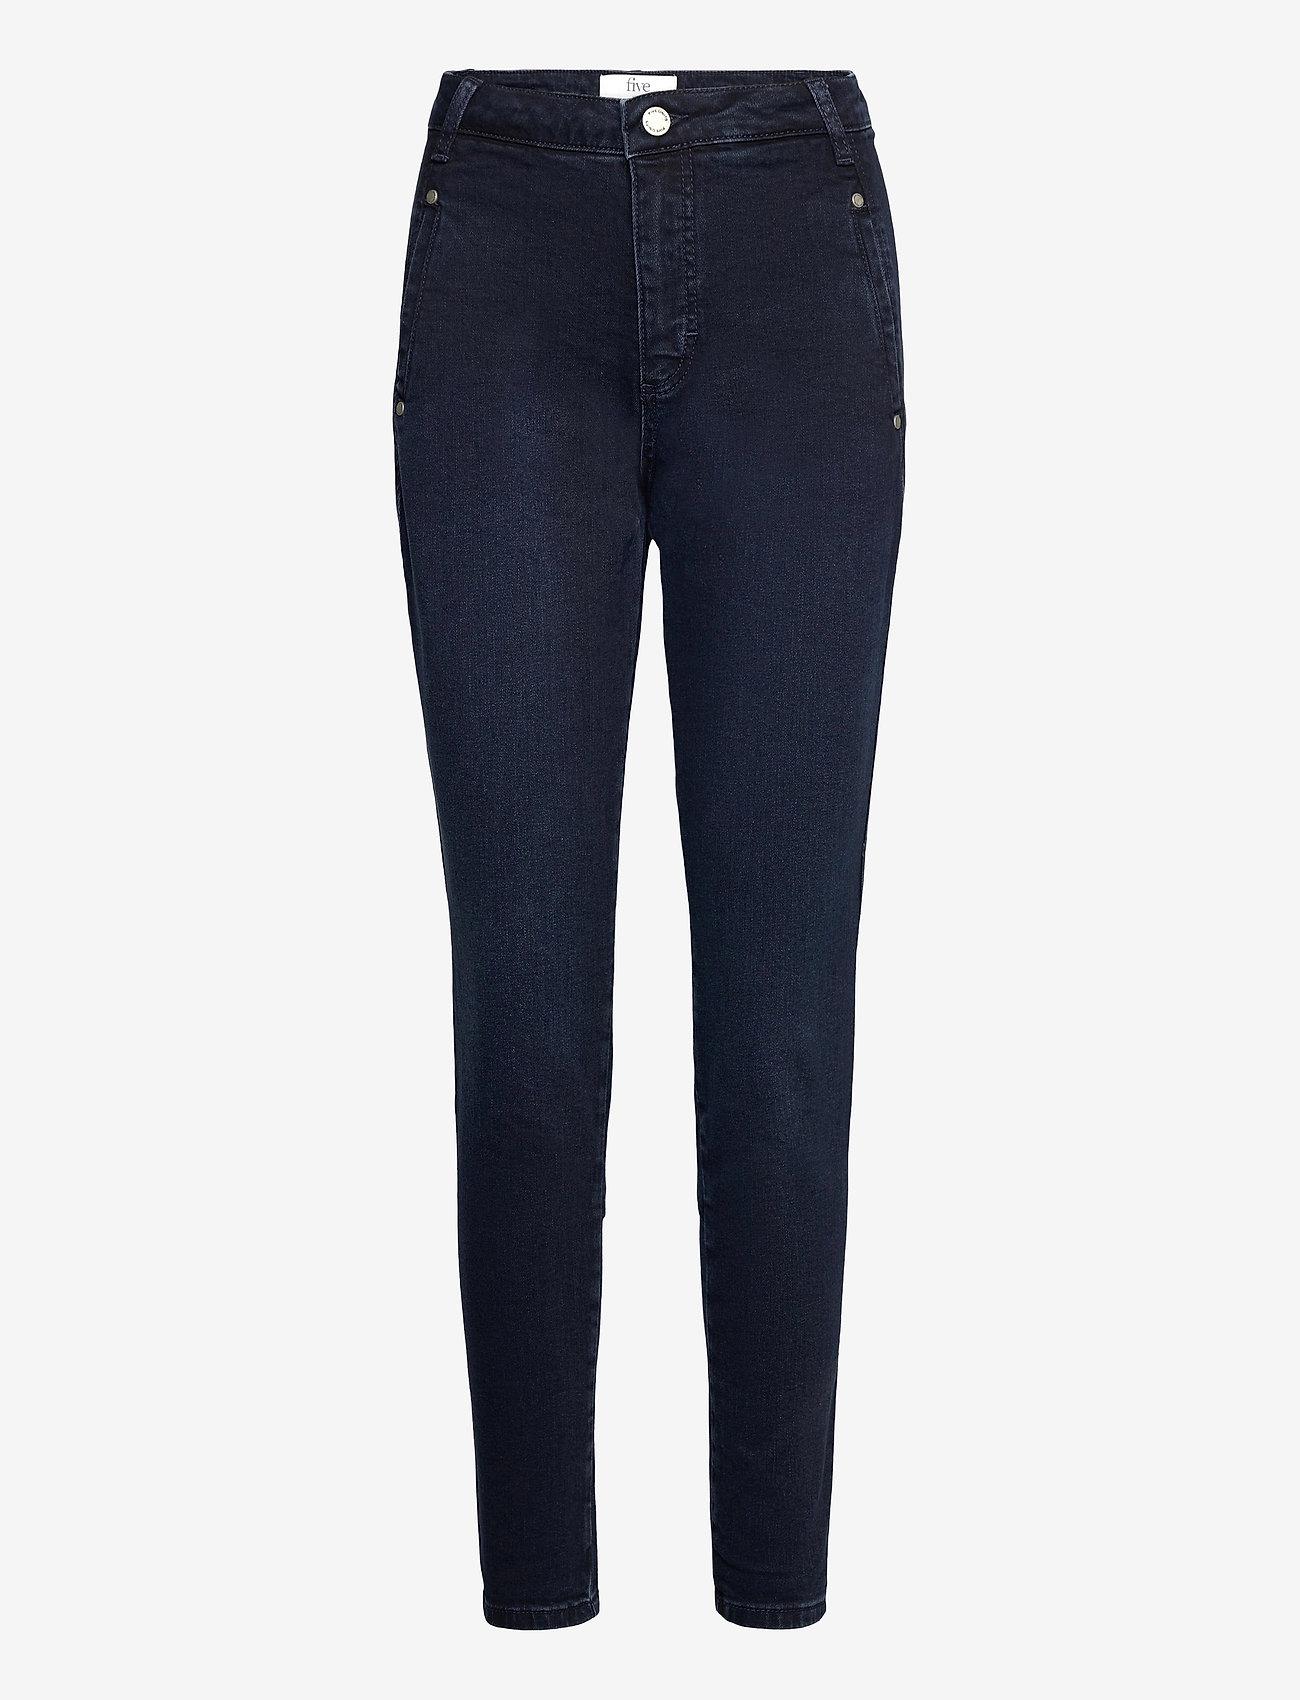 FIVEUNITS - Jolie 241 - slim jeans - pure blue auto - 0